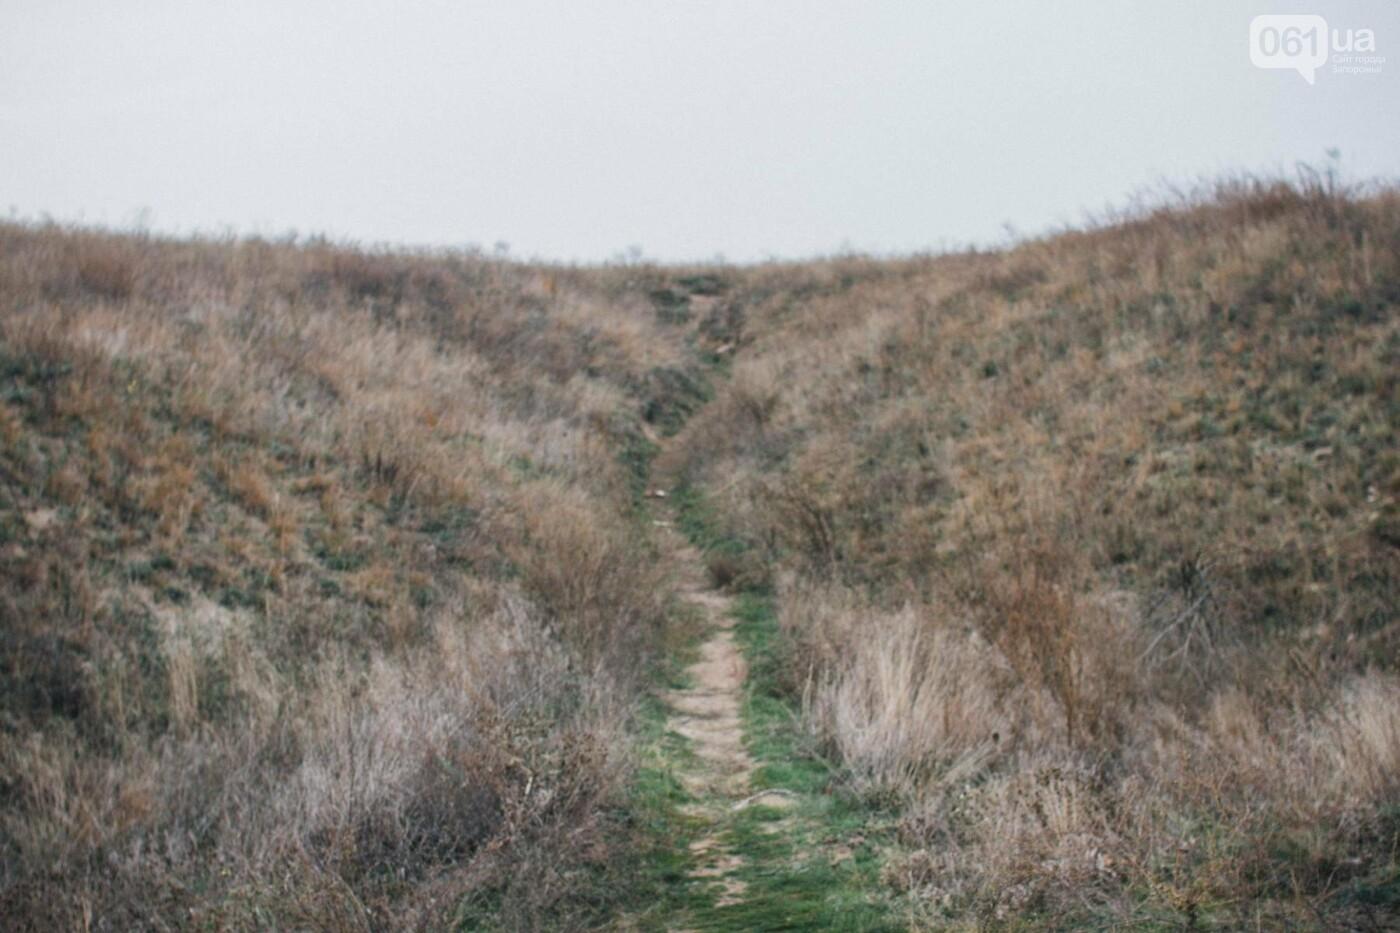 Четыре дня до зимы: как выглядит Хортица поздней осенью, - ФОТОРЕПОРТАЖ, фото-10